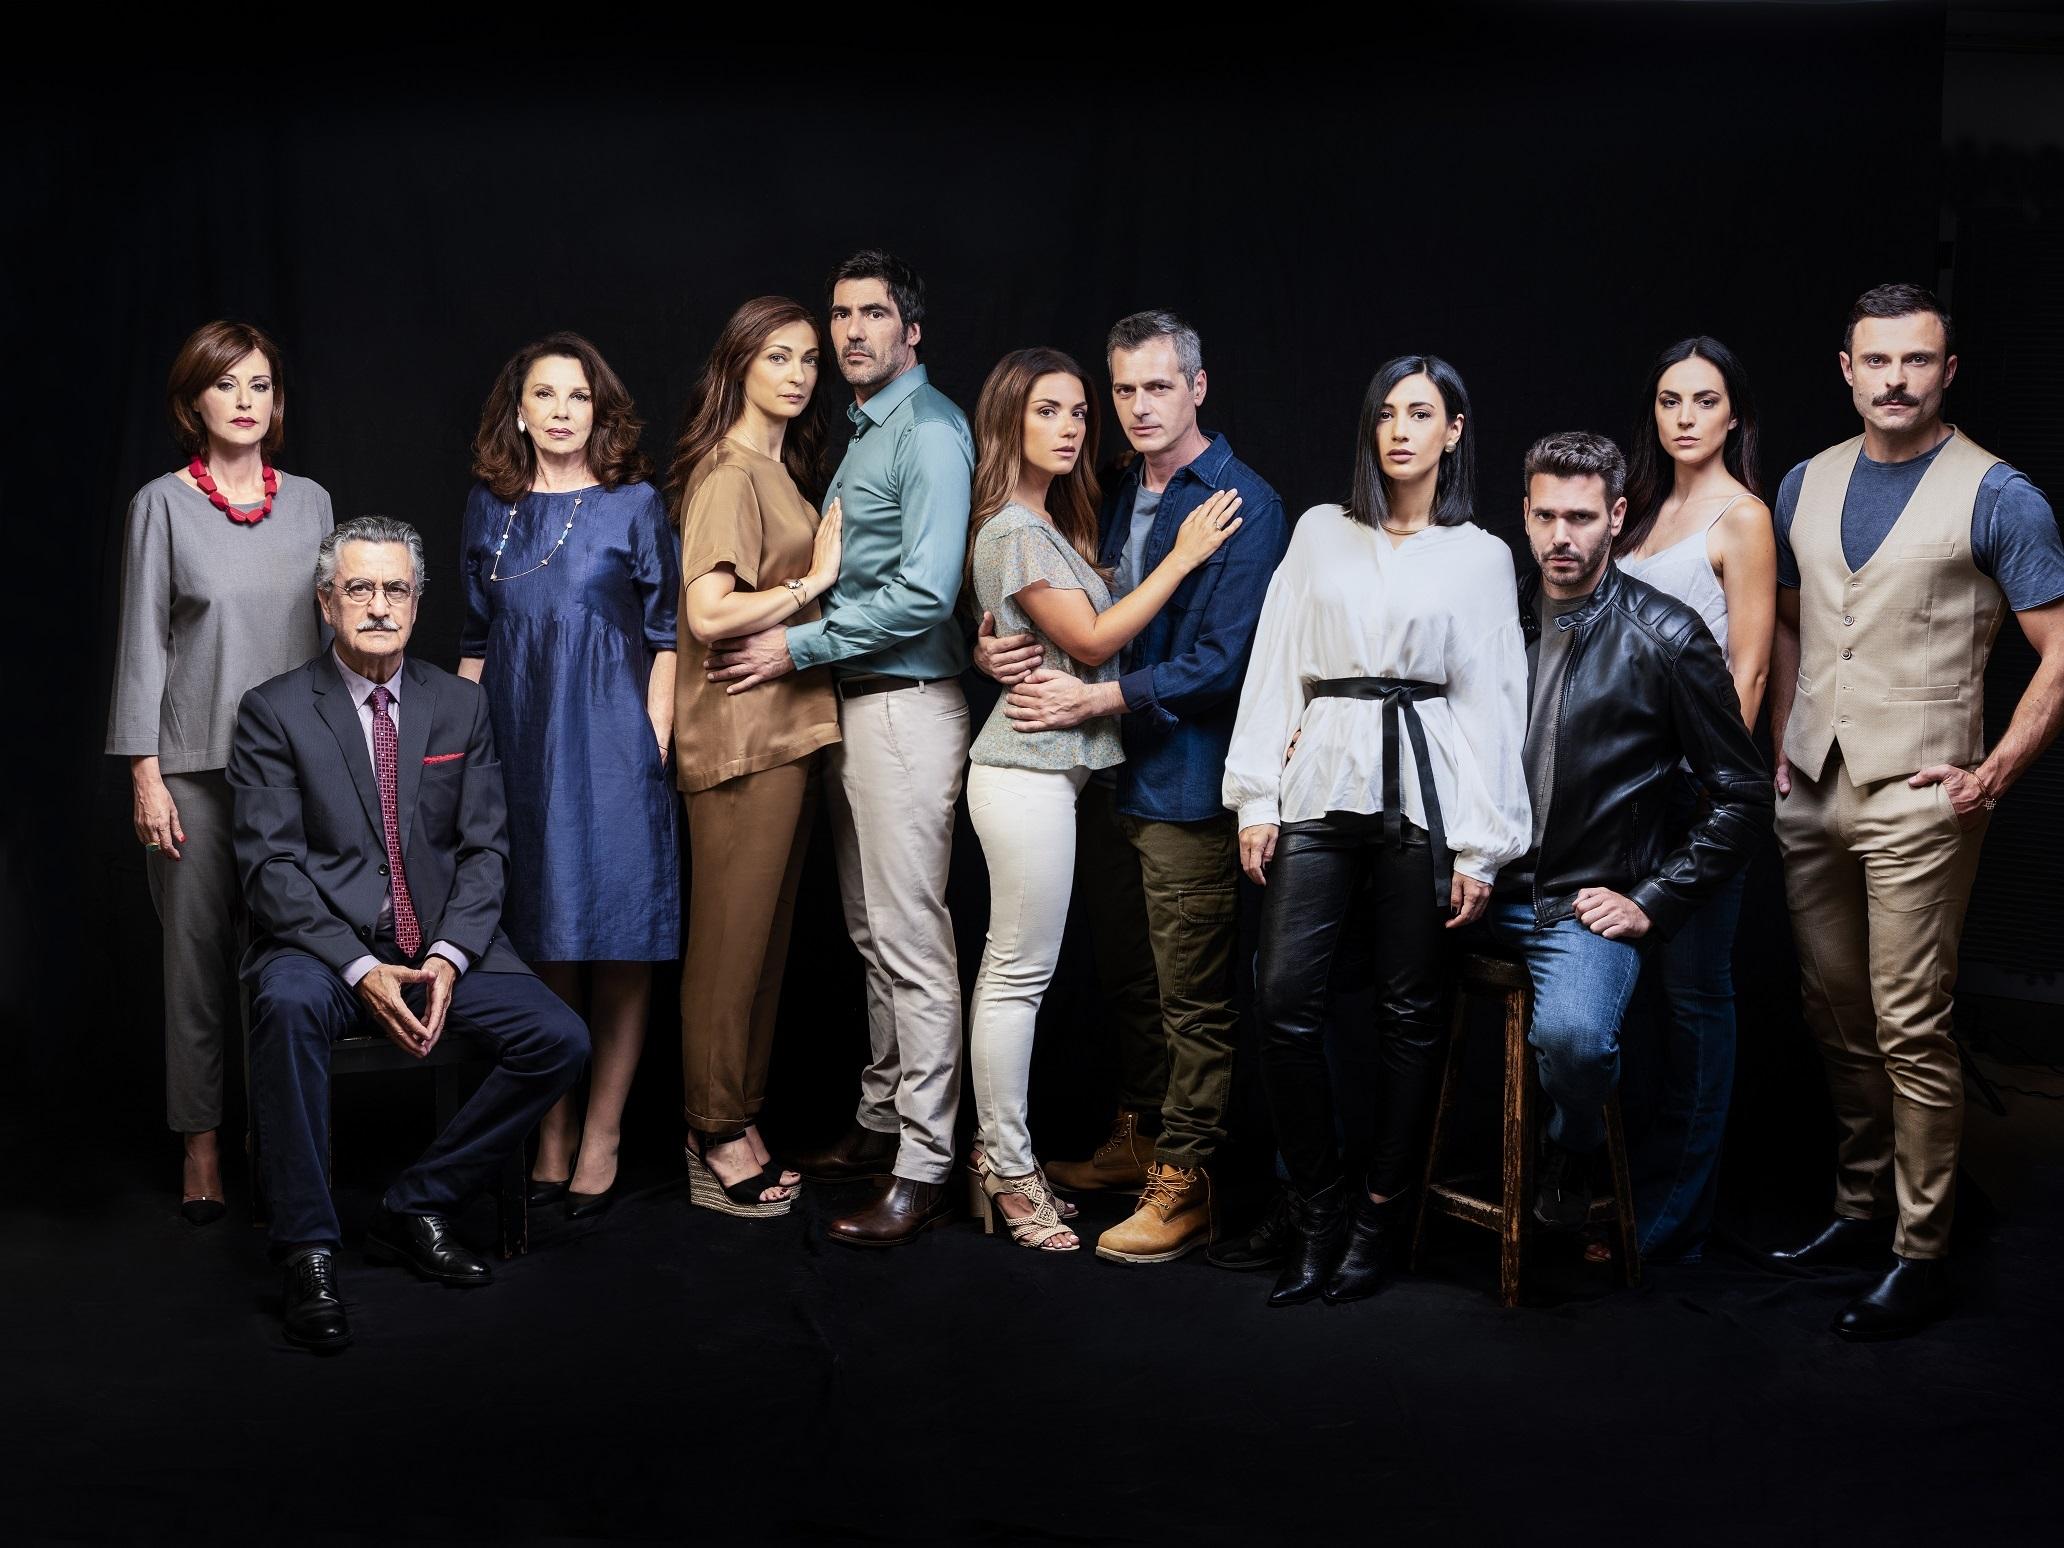 «Έρωτας μετά» – Η πρεμιέρα και οι συντελεστές της καινούργιας σειράς | Newsit.gr